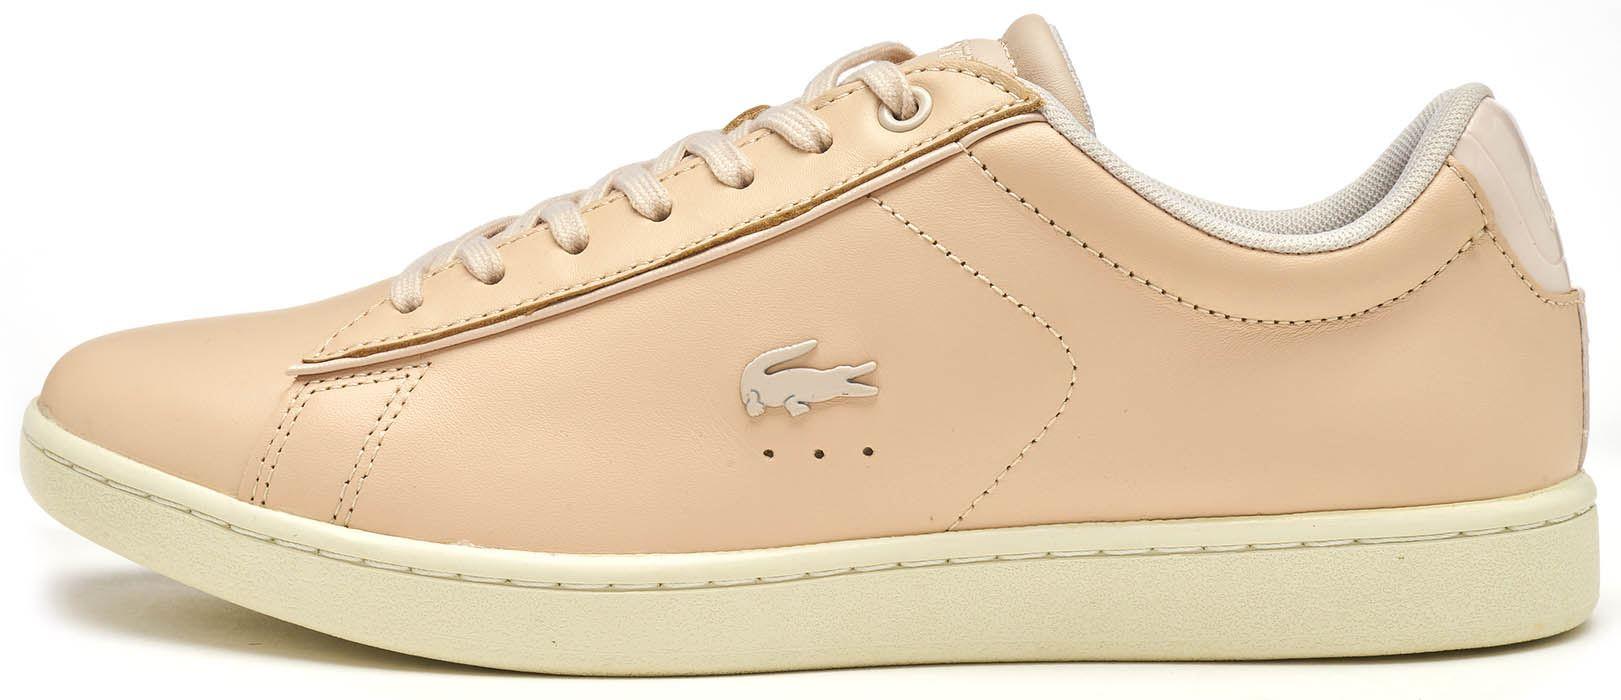 3193d0ff59e Description Le Carnaby Evo est une chaussure de tennis d inspiration  classique avec triple-perforé détaillant